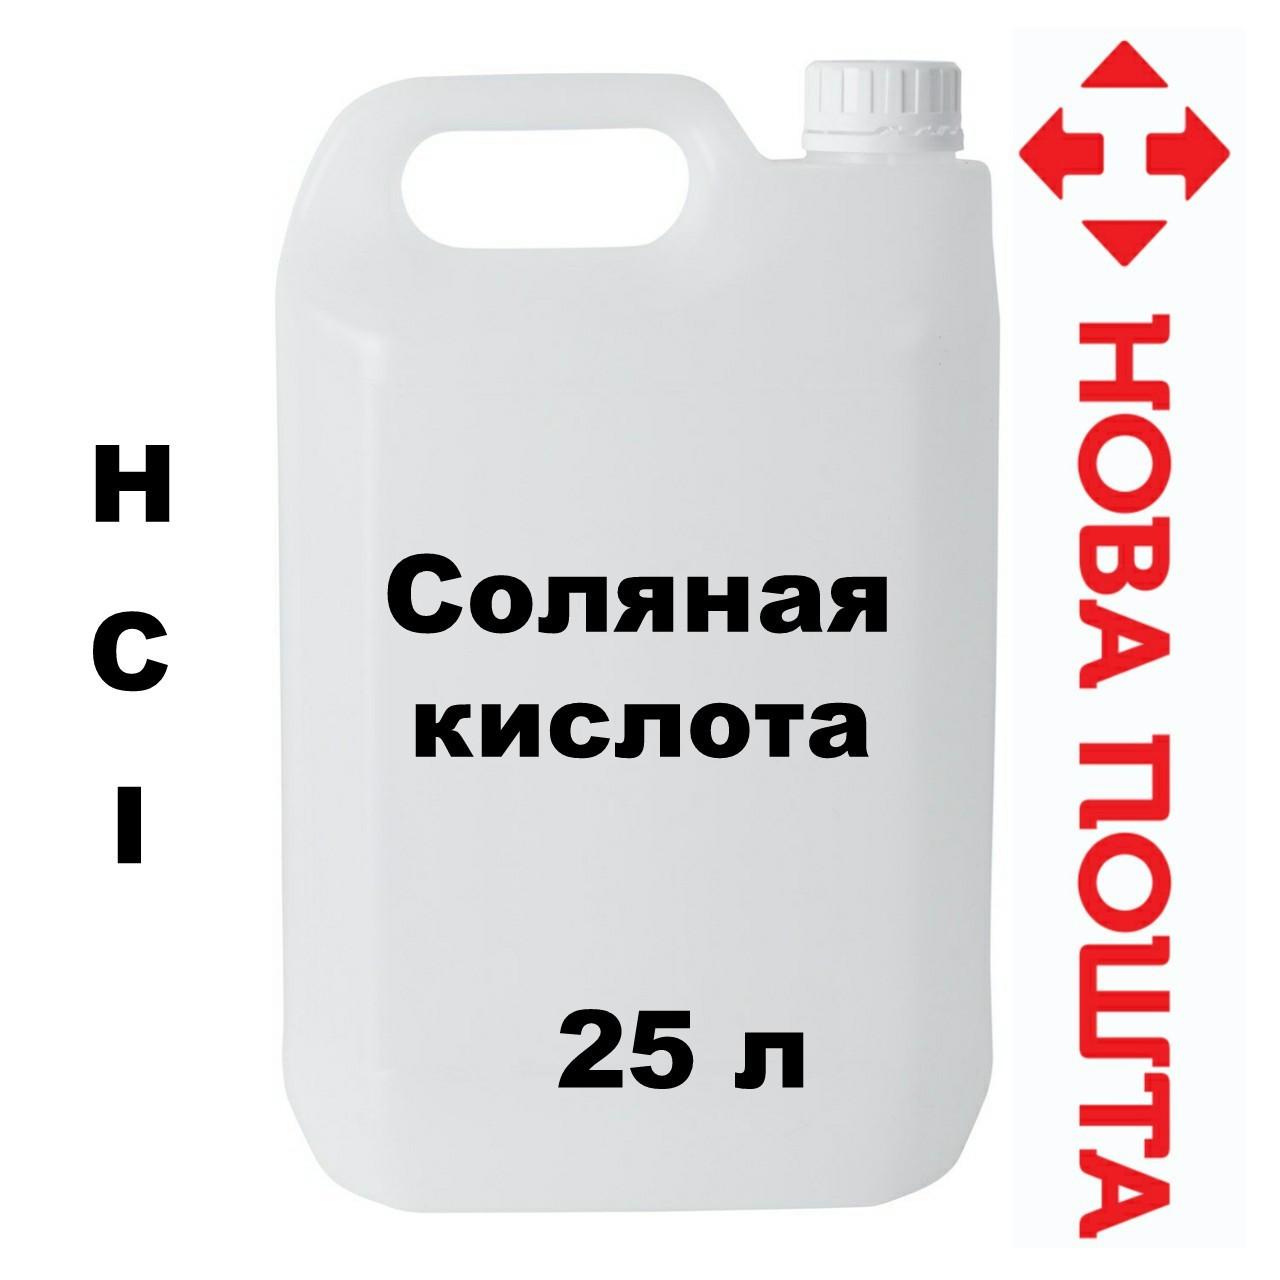 Соляная кислота 15 % 25 л КОНЦЕНТРАЦИЯ реальная